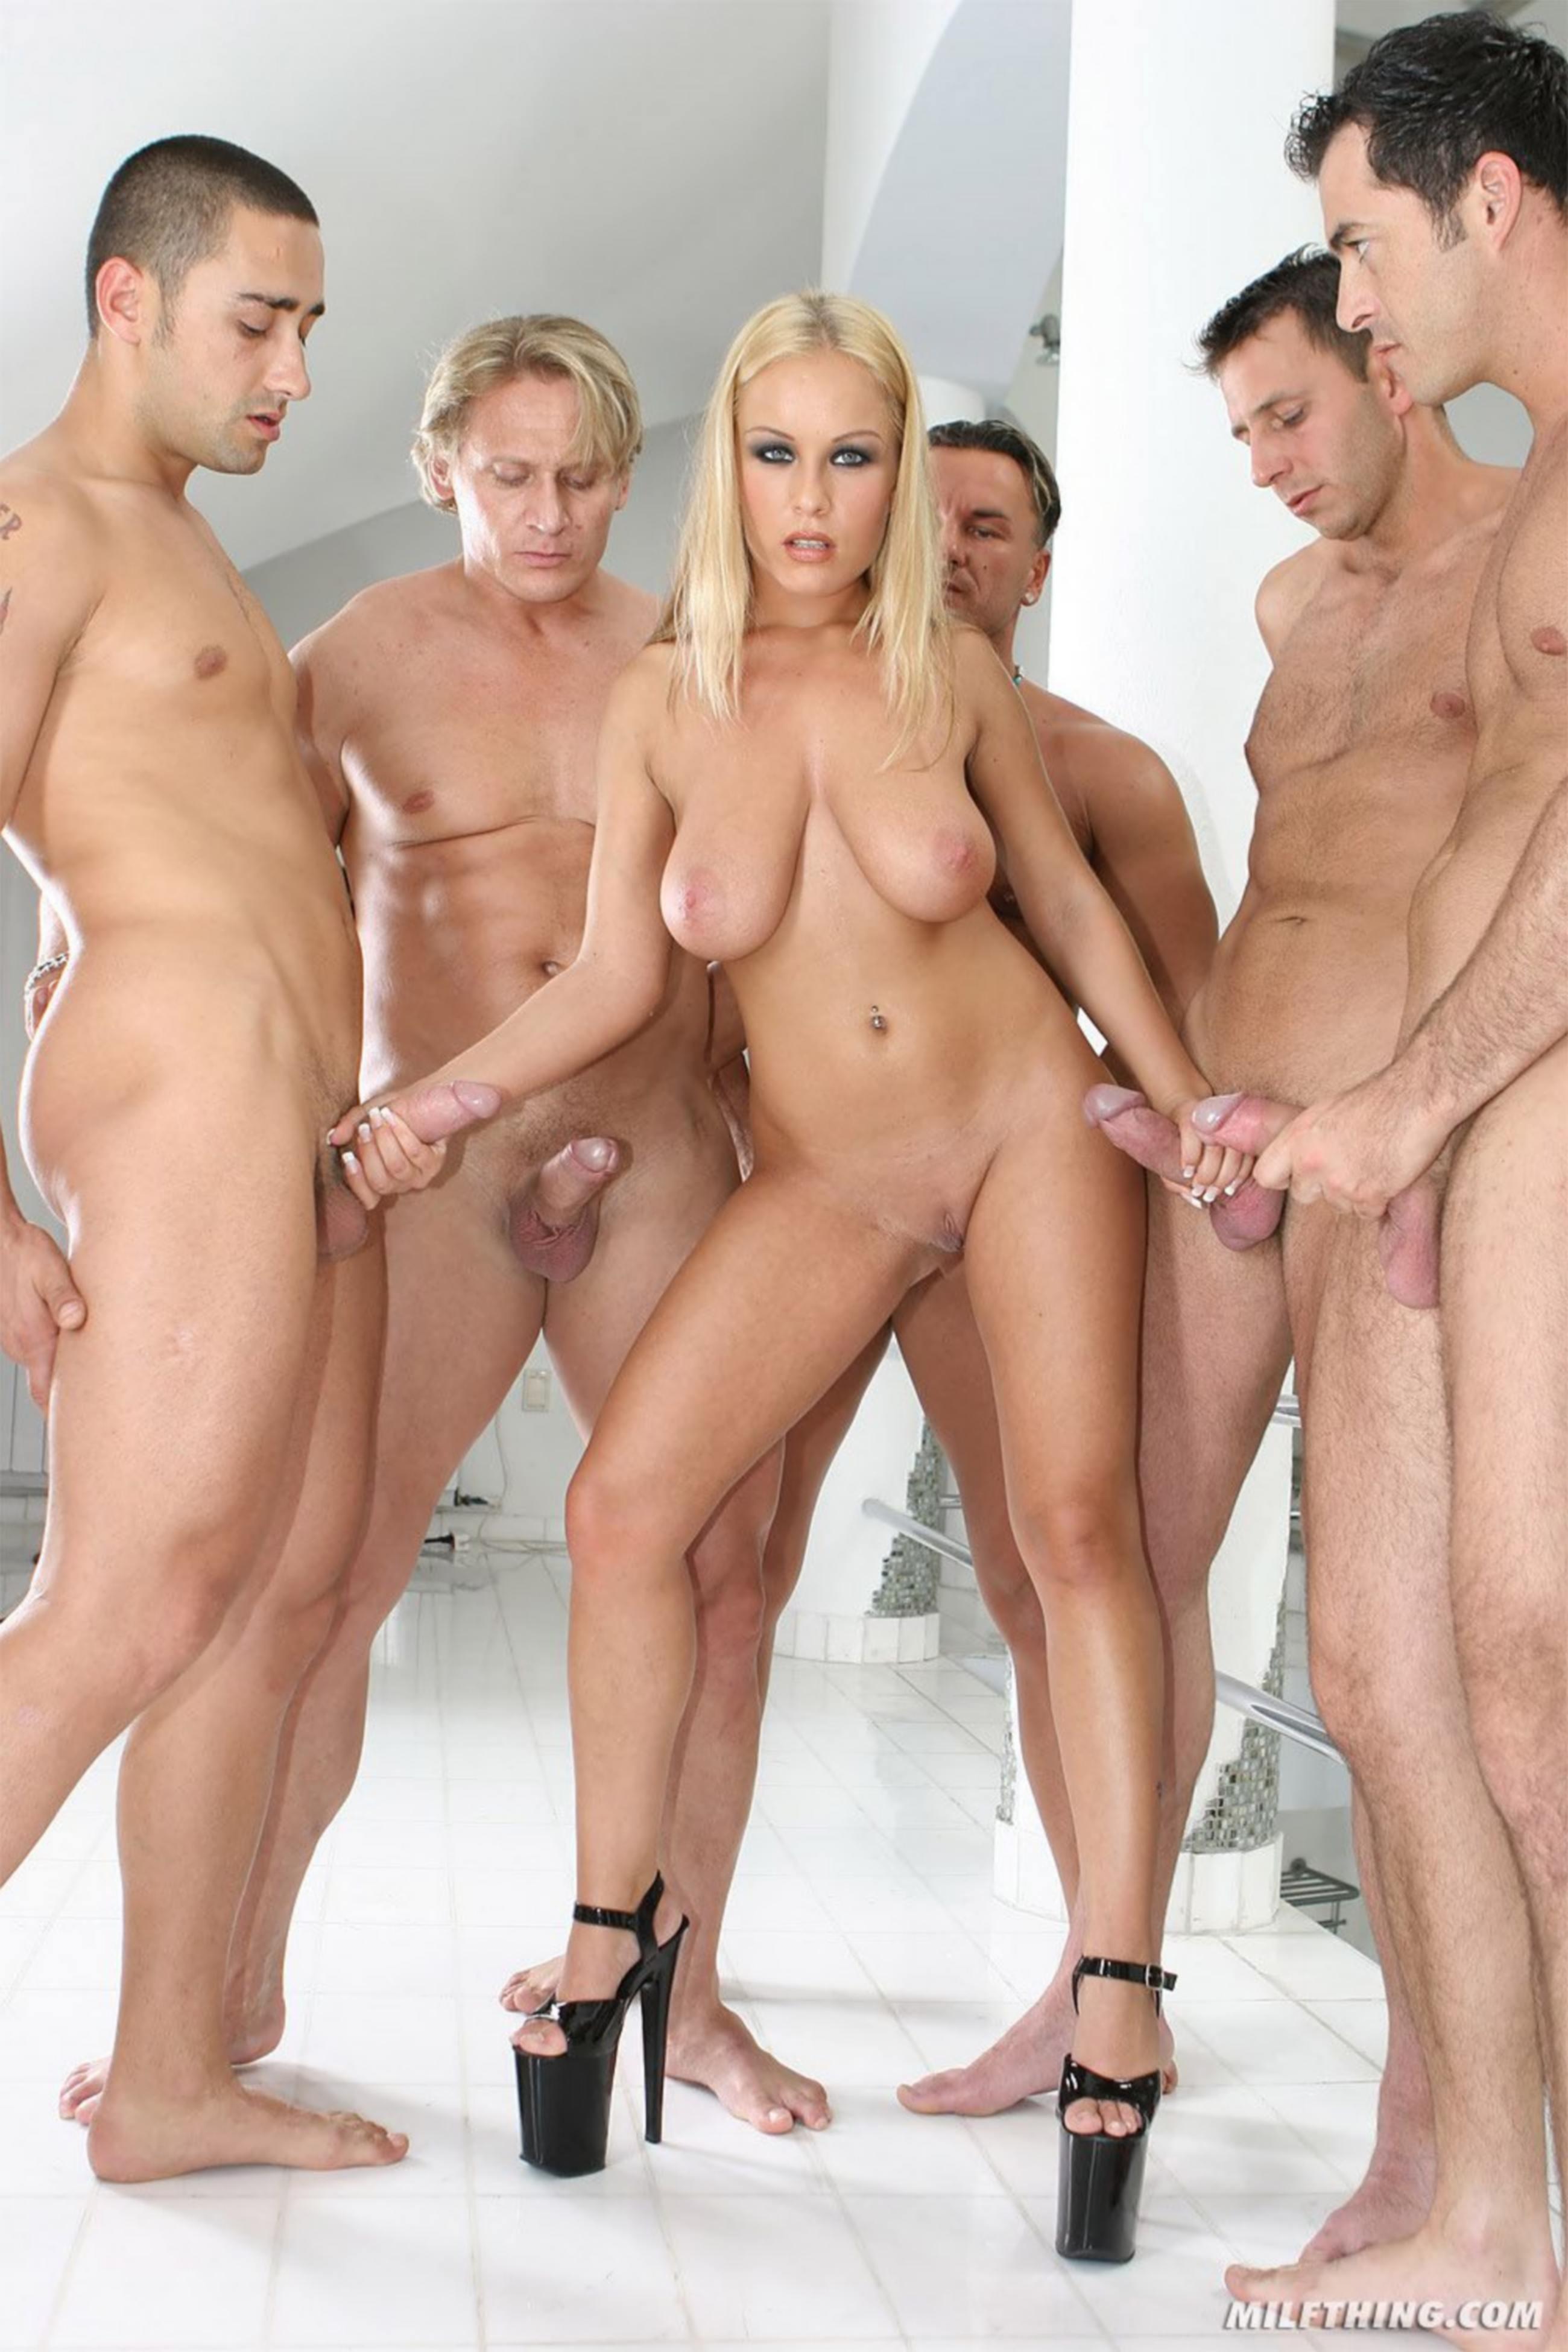 Фото группового порно любителей 20 фотография